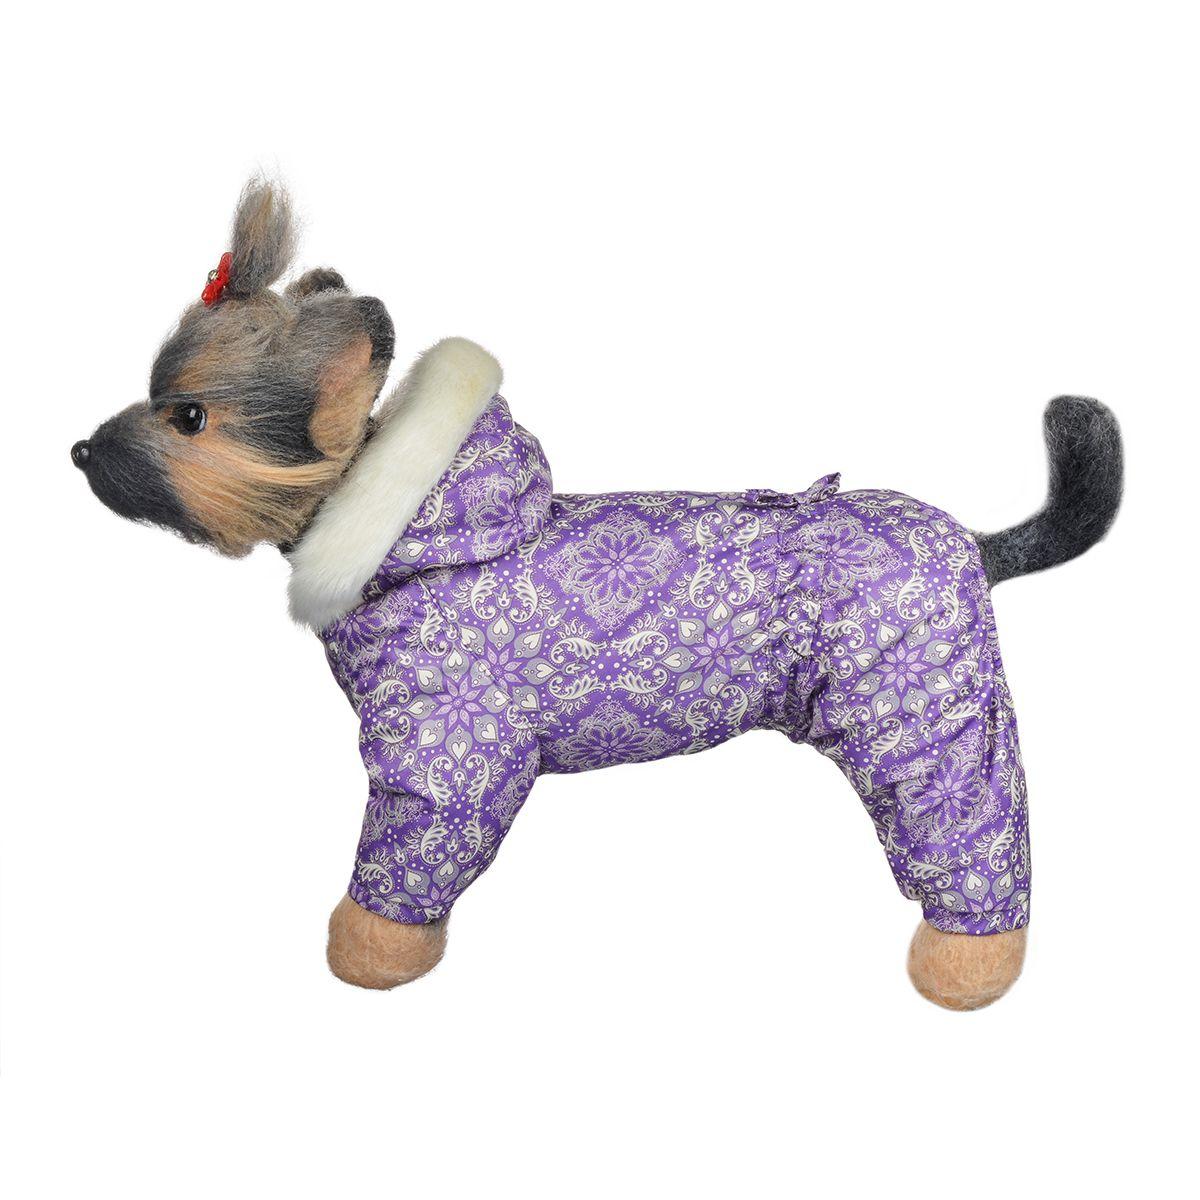 Комбинезон для собак Dogmoda Winter, зимний, для девочки, цвет: фиолетовый, белый, серый. Размер 2 (M)DM-150335-2Зимний комбинезон для собак Dogmoda Winter отлично подойдет для прогулок в зимнее время года.Комбинезон изготовлен из полиэстера, защищающего от ветра и снега, с утеплителем из синтепона, который сохранит тепло даже в сильные морозы, а на подкладке используется искусственный мех, который обеспечивает отличный воздухообмен. Комбинезон с капюшоном застегивается на кнопки, благодаря чему его легко надевать и снимать. Капюшон украшен искусственным мехом и не отстегивается. Низ рукавов и брючин оснащен внутренними резинками, которые мягко обхватывают лапки, не позволяя просачиваться холодному воздуху. На пояснице комбинезон затягивается на шнурок-кулиску.Благодаря такому комбинезону простуда не грозит вашему питомцу.